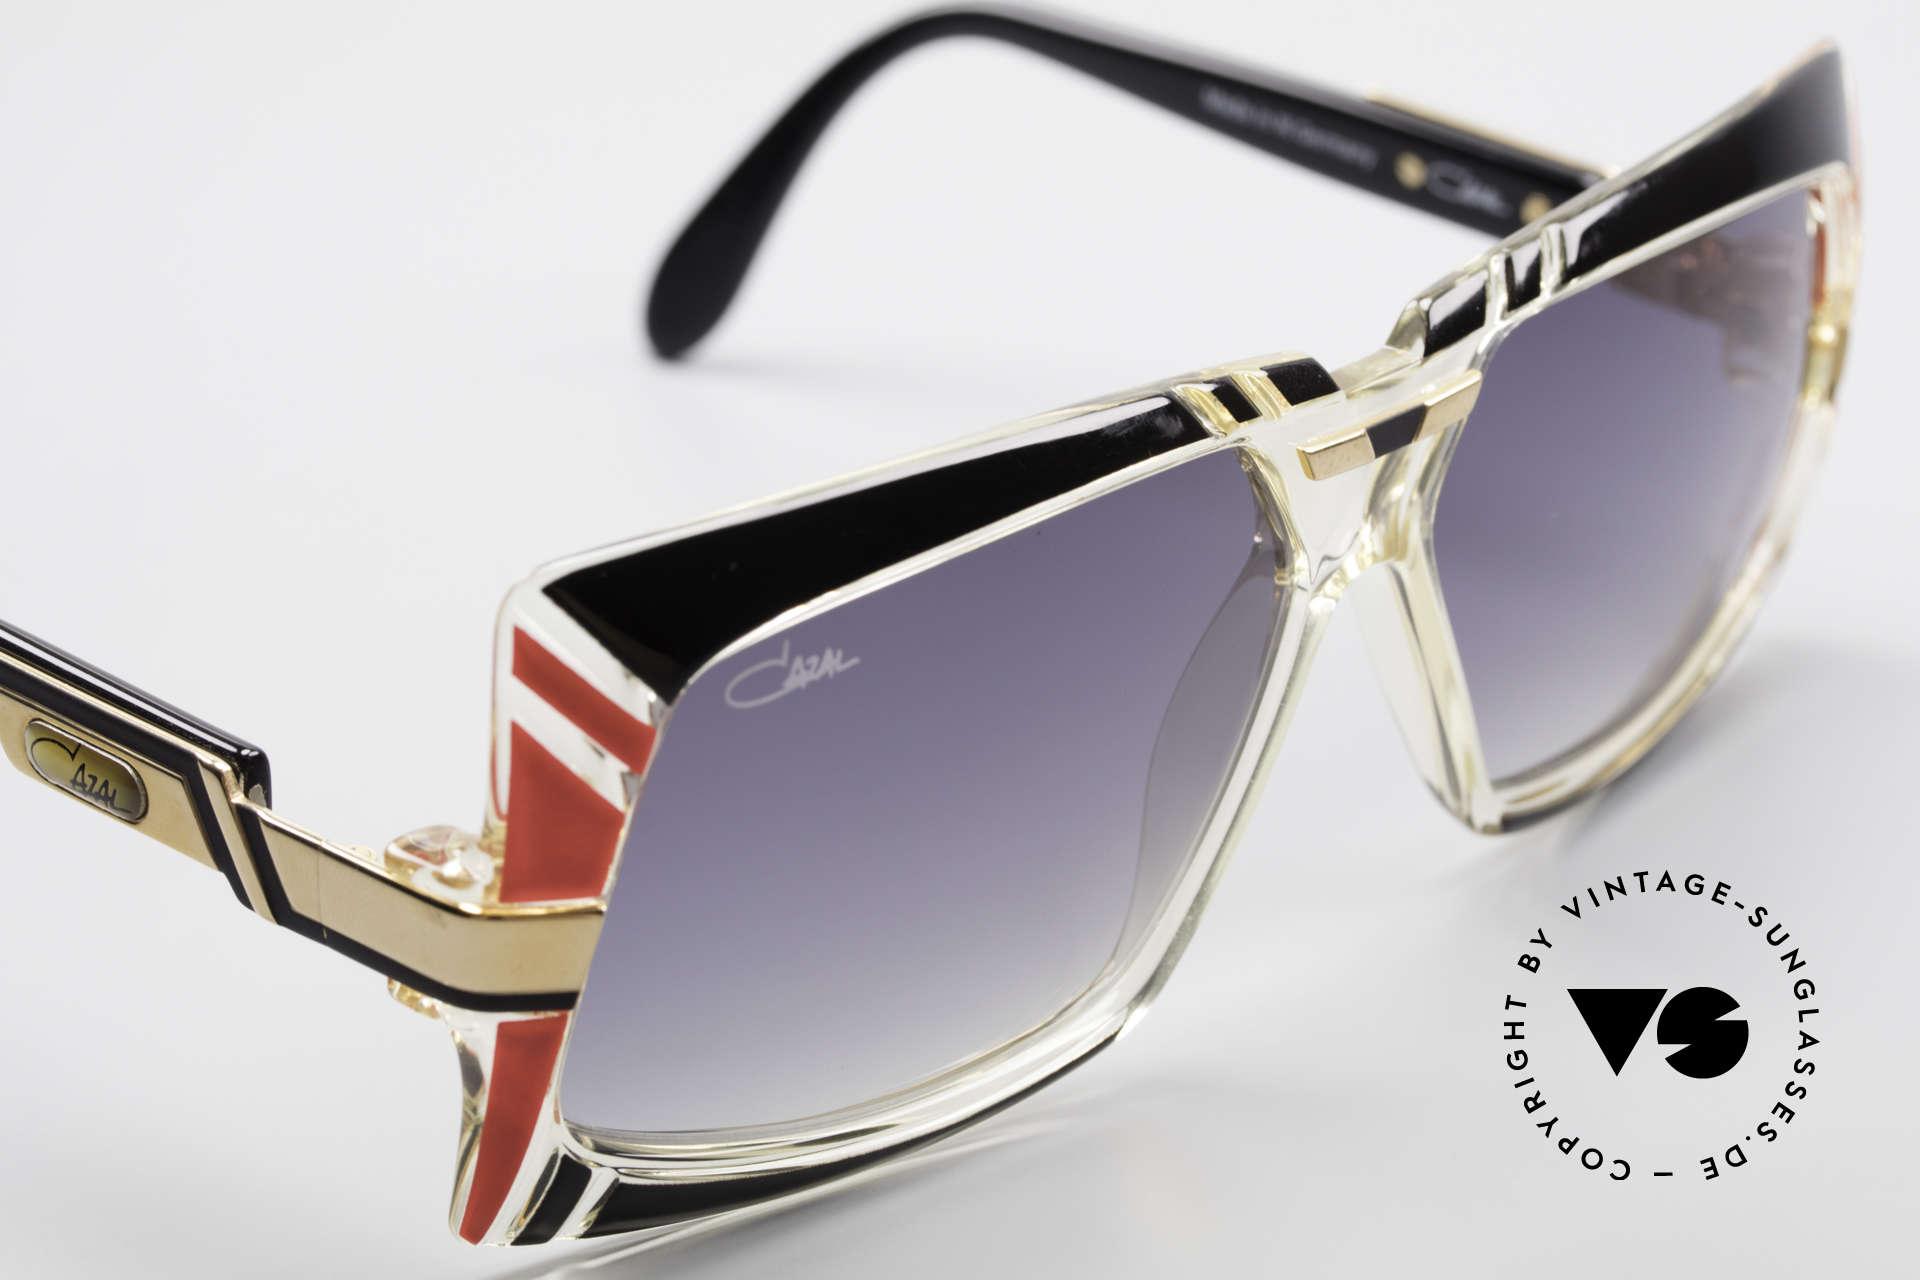 Cazal 869 80er True Vintage Sonnenbrille, ein echtes Sammlerstück in unberührtem Top-Zustand, Passend für Herren und Damen